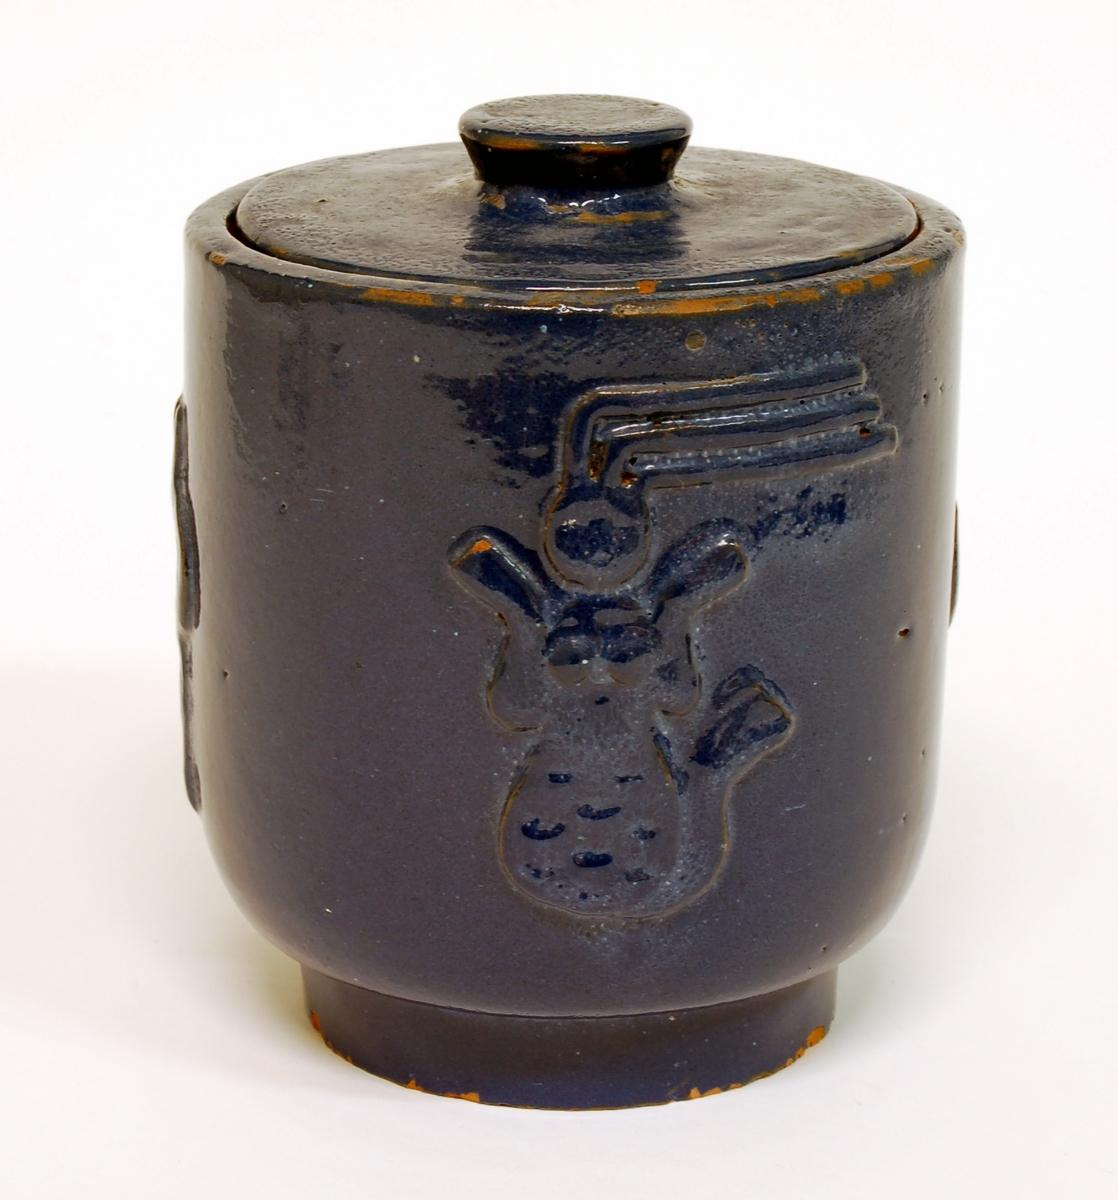 Lockurna med sjöjungfru, segelbåt m.m. i blå glasyr, keramik, formgiven av Märta Willborg, 1930-talet.